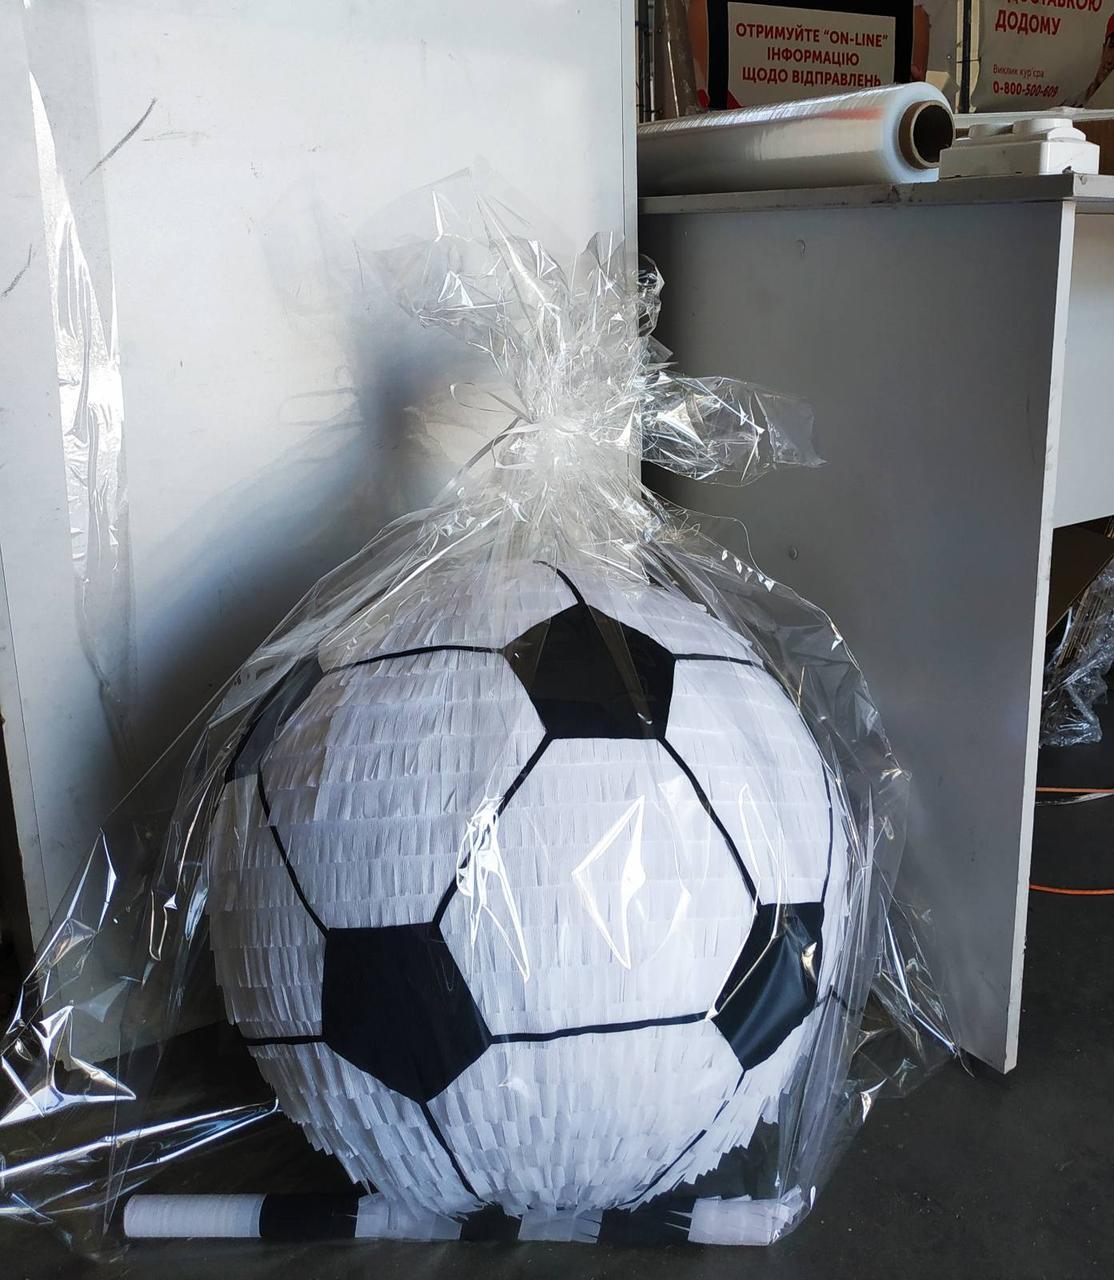 Пиньята - День рождение у ребенка Футбольный мяч  г. Одесса